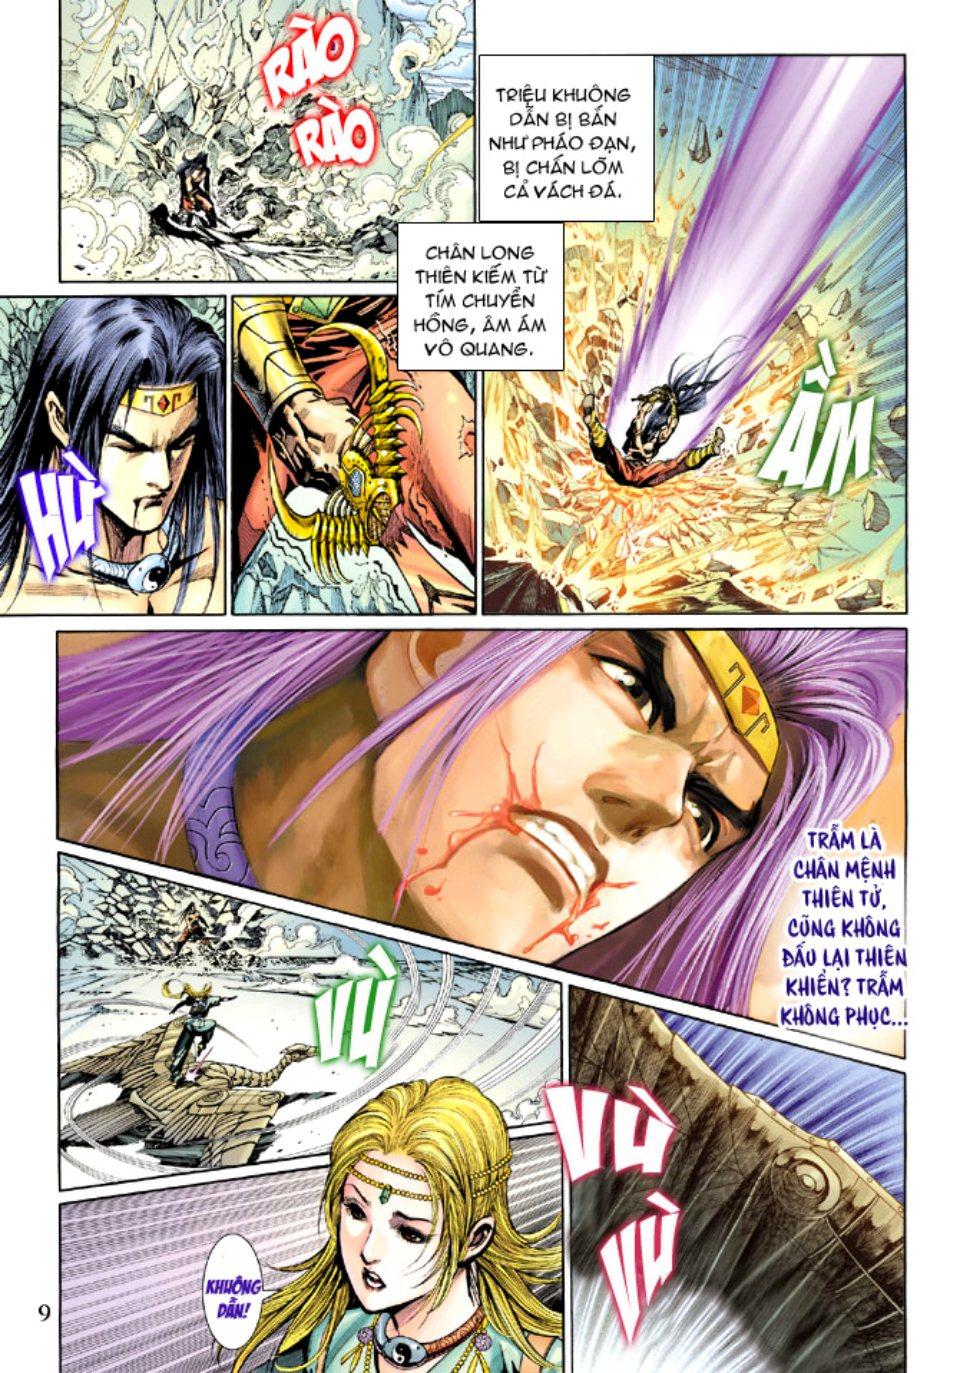 Thiên Tử Truyền Kỳ 5 - Như Lai Thần Chưởng chap 214 - Trang 9